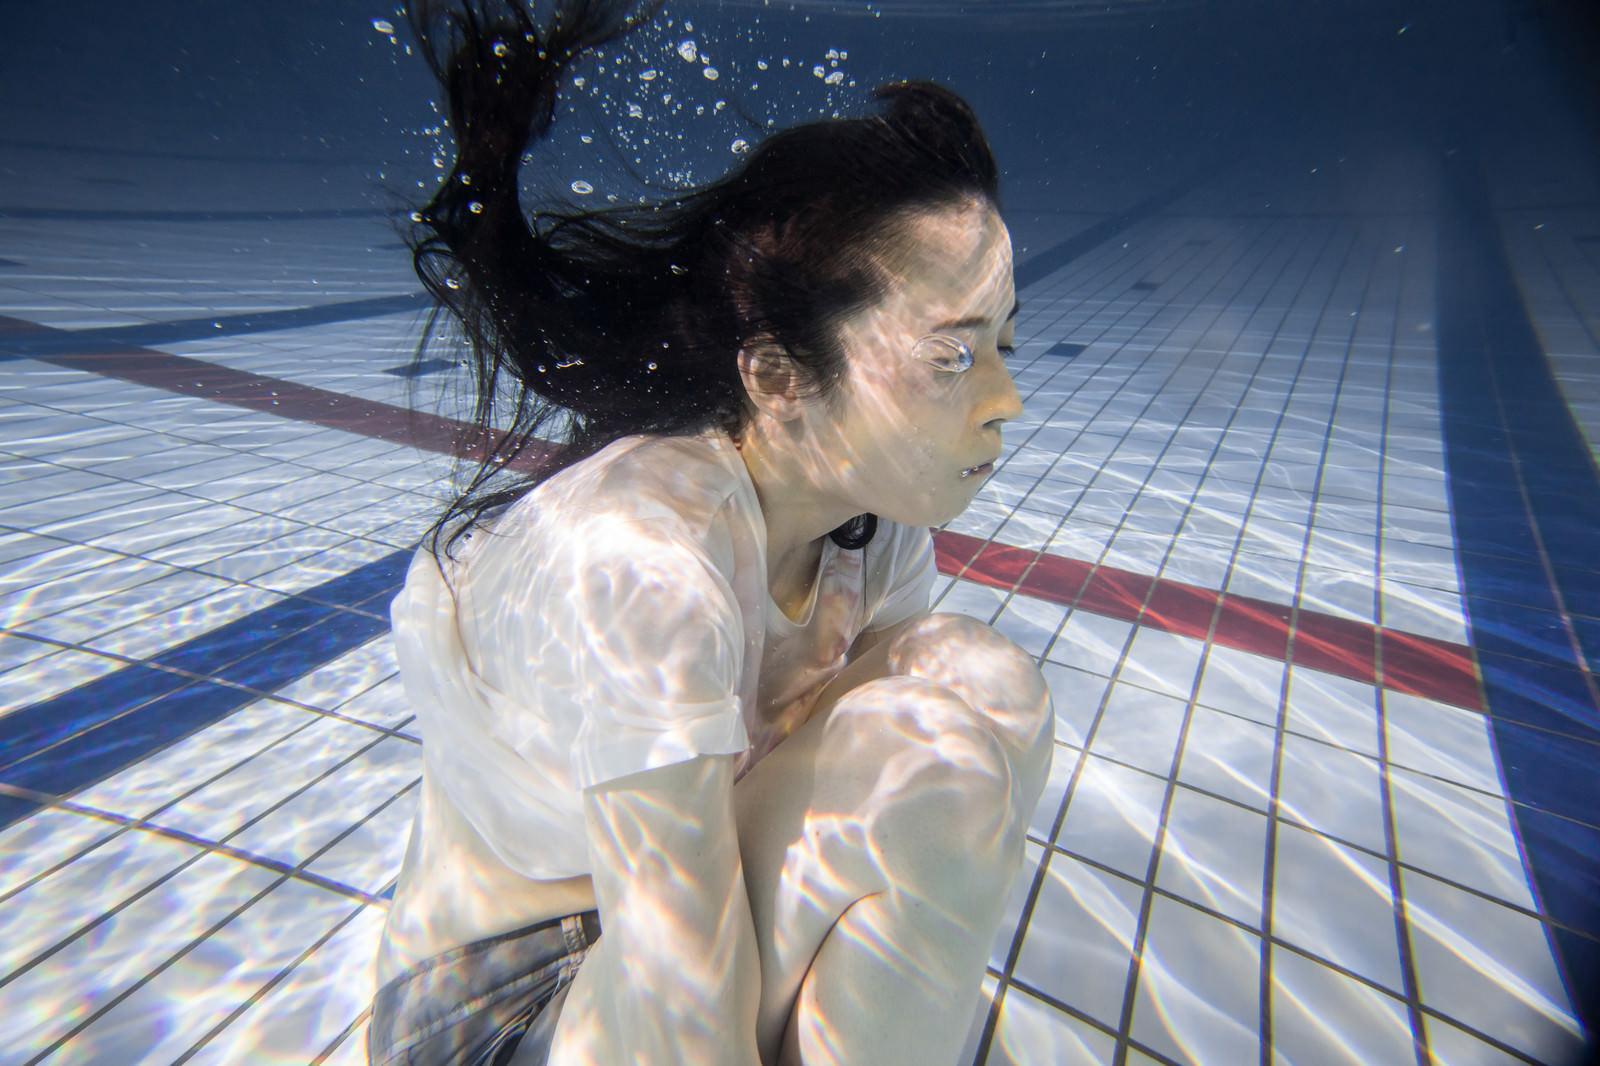 「嫌なことから逃れたいとプールに飛び込んだ失恋女子」の写真[モデル:たけべともこ]